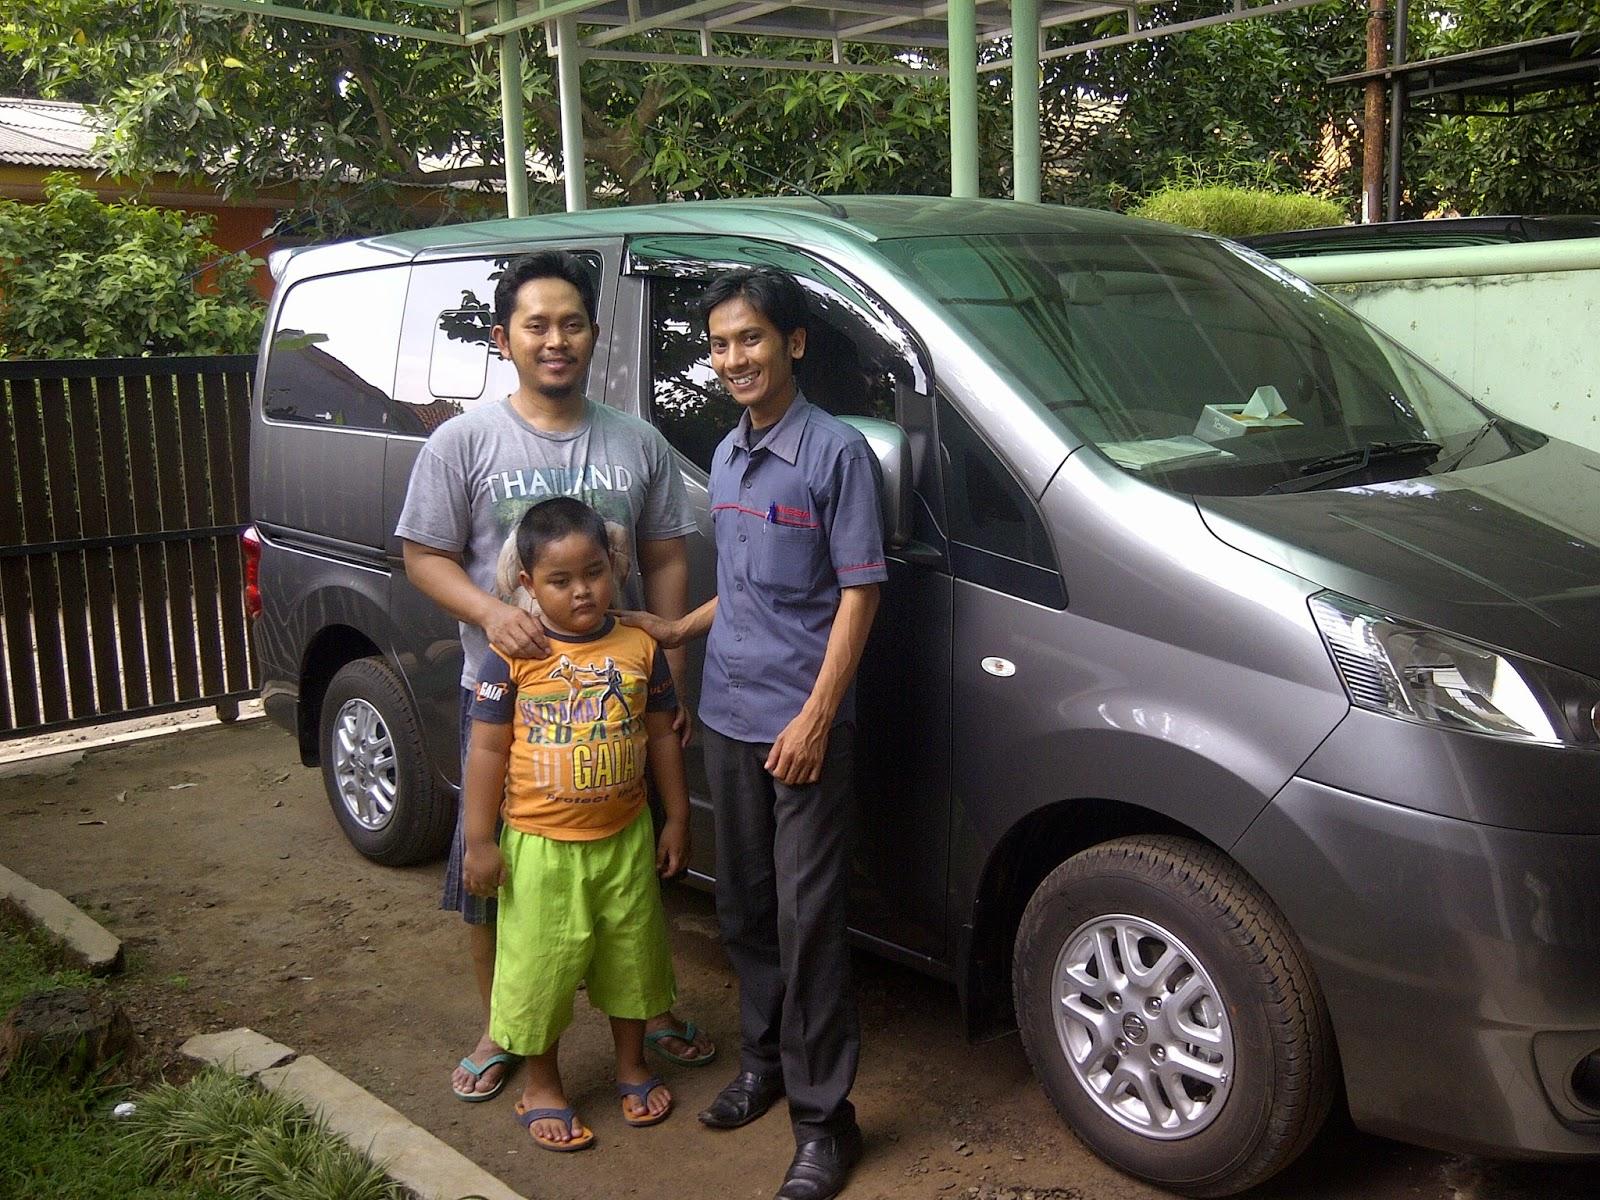 Terimakasih atas kepercayaan Pak Muhammad & Keluarga yg telah membeli New Evalia melalui media www.touchnissan.com.  Semoga Berkah ya Pak...